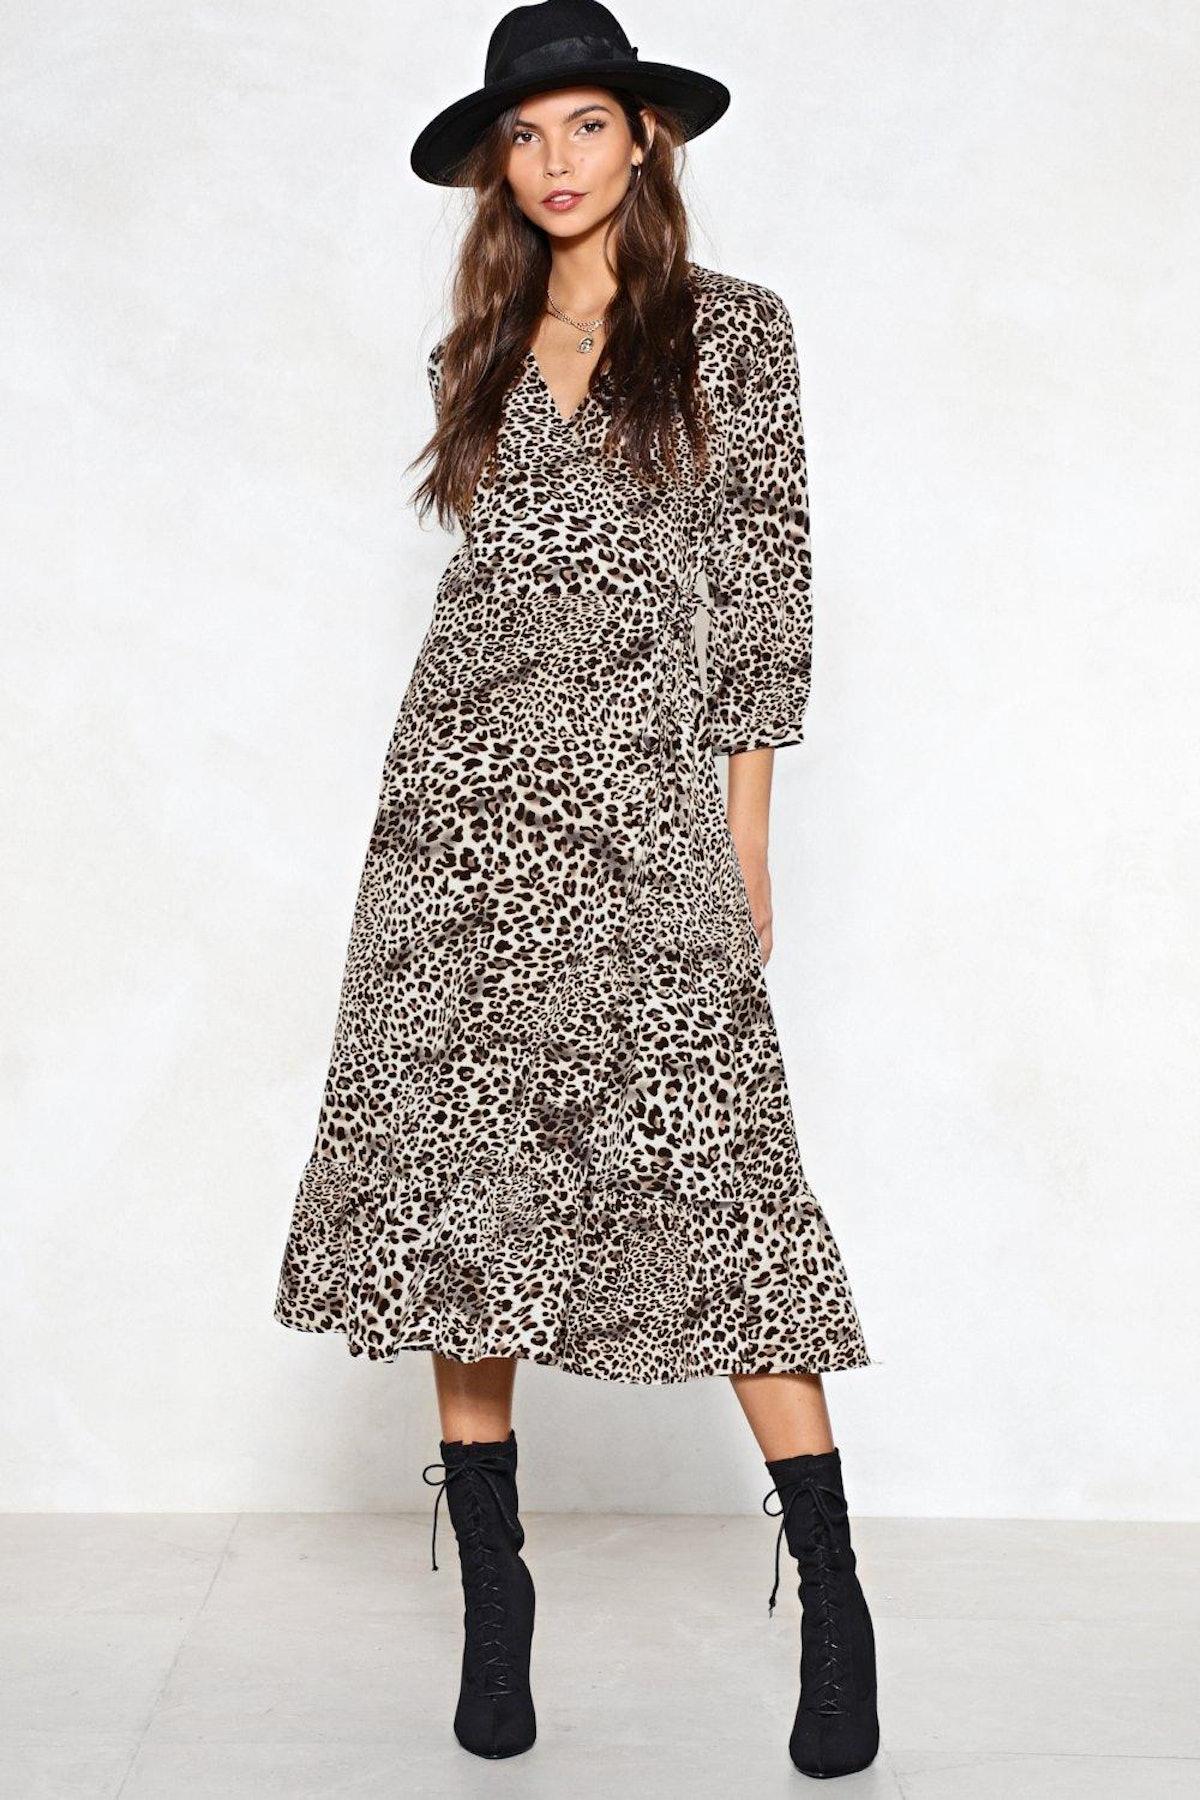 Fast Track Leopard Dress